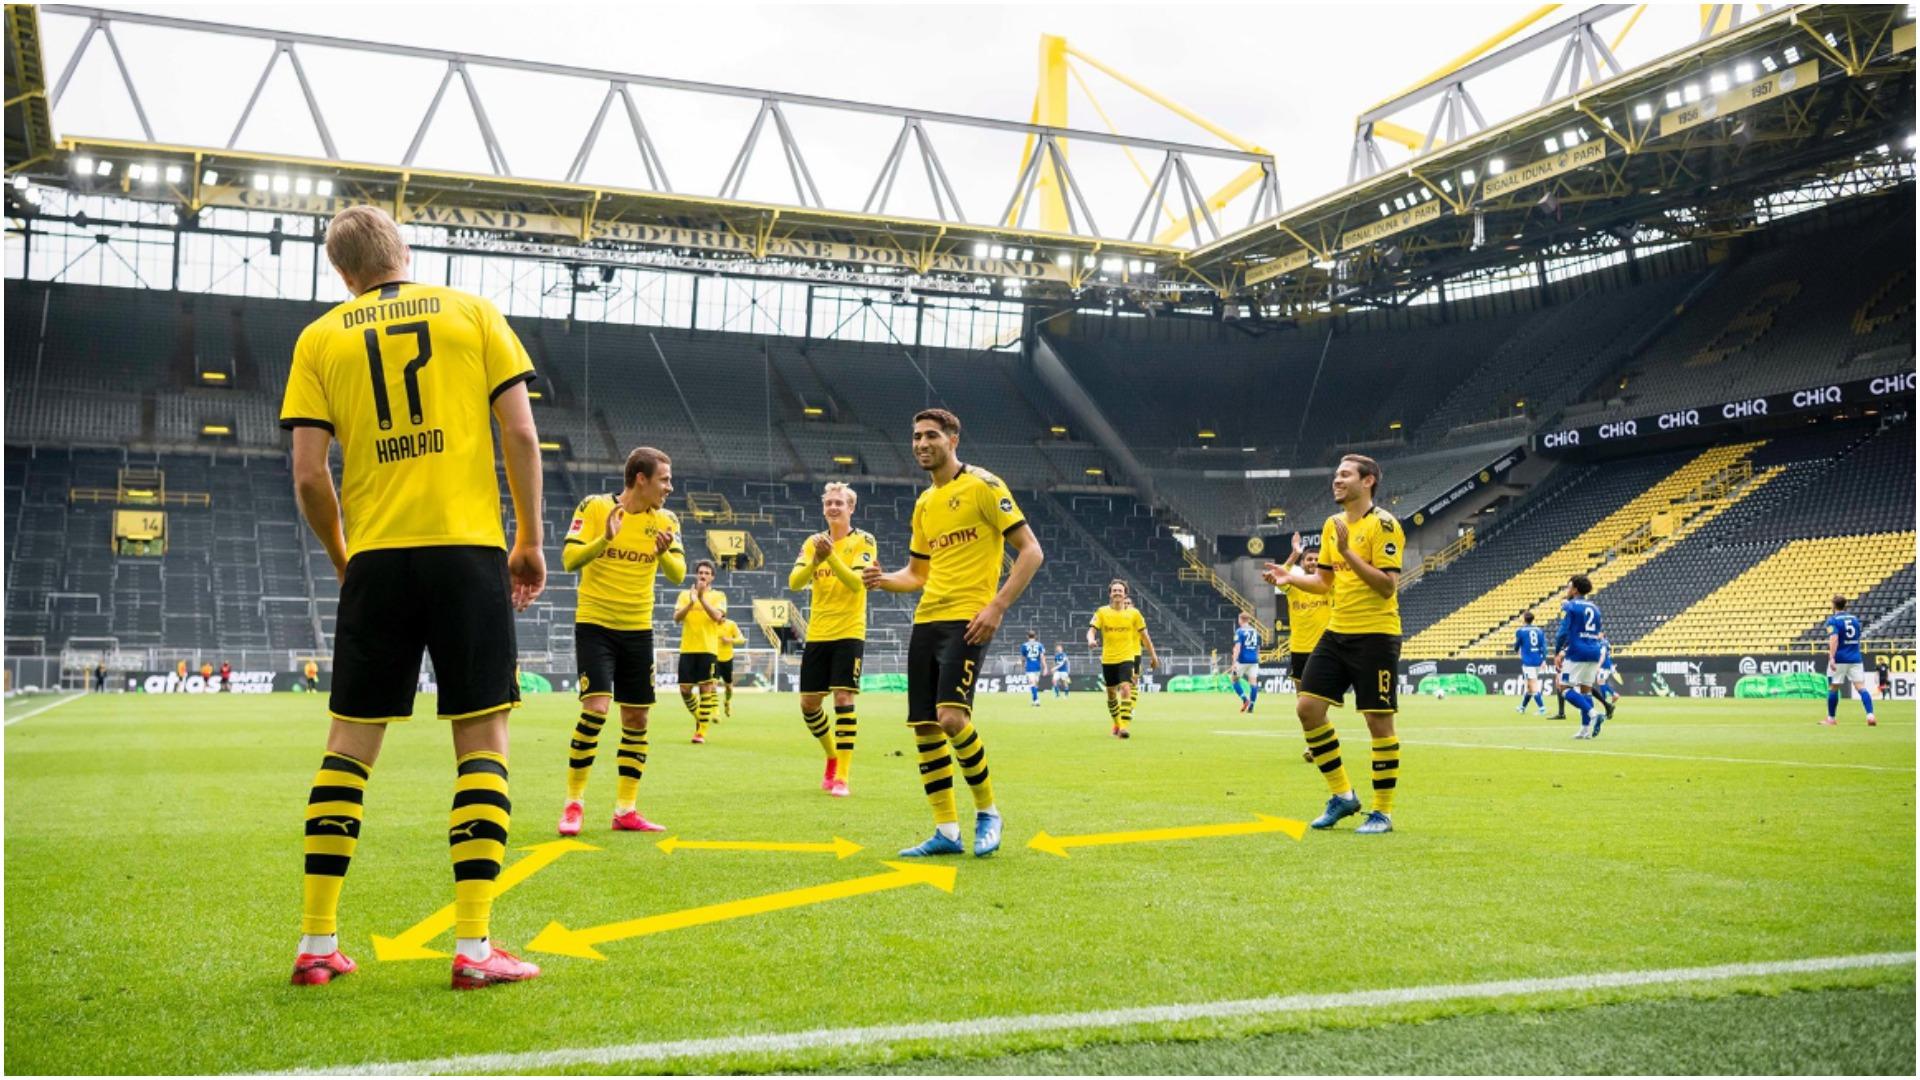 Shumë mall për futboll, Dortmund-Schalke vendos rekord në… Spanjë